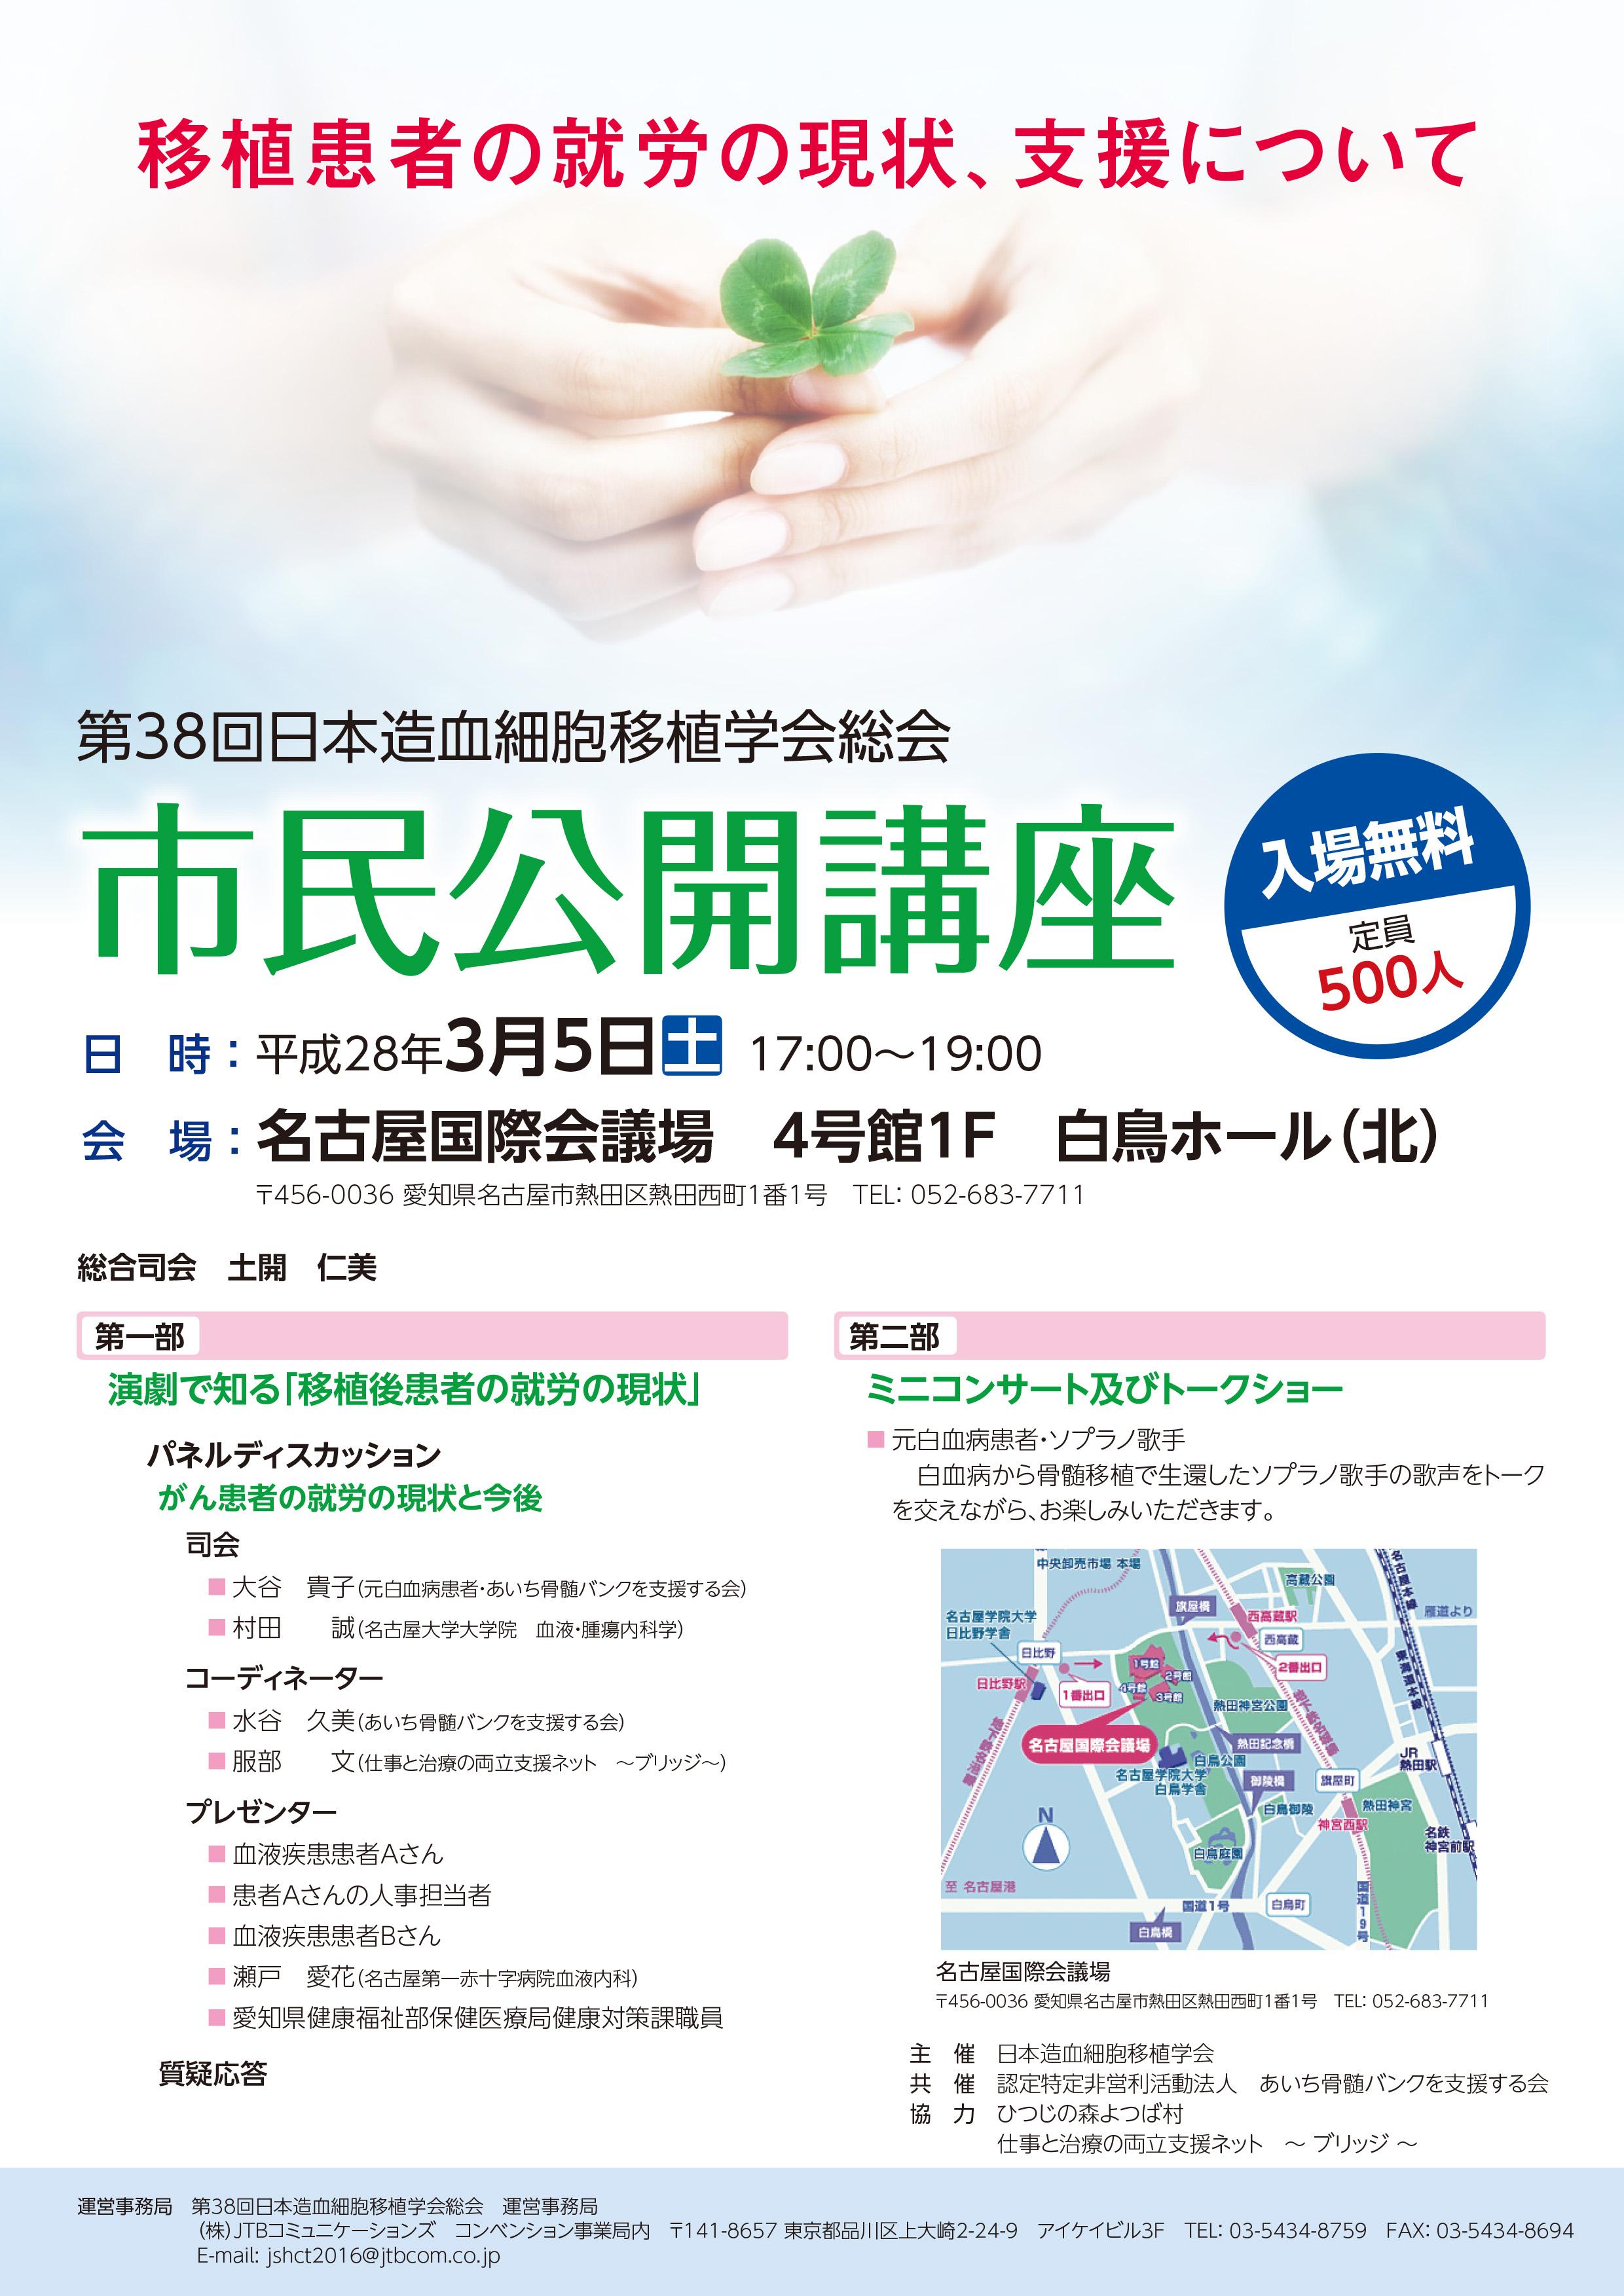 日本造血細胞移植学会市民公開講座